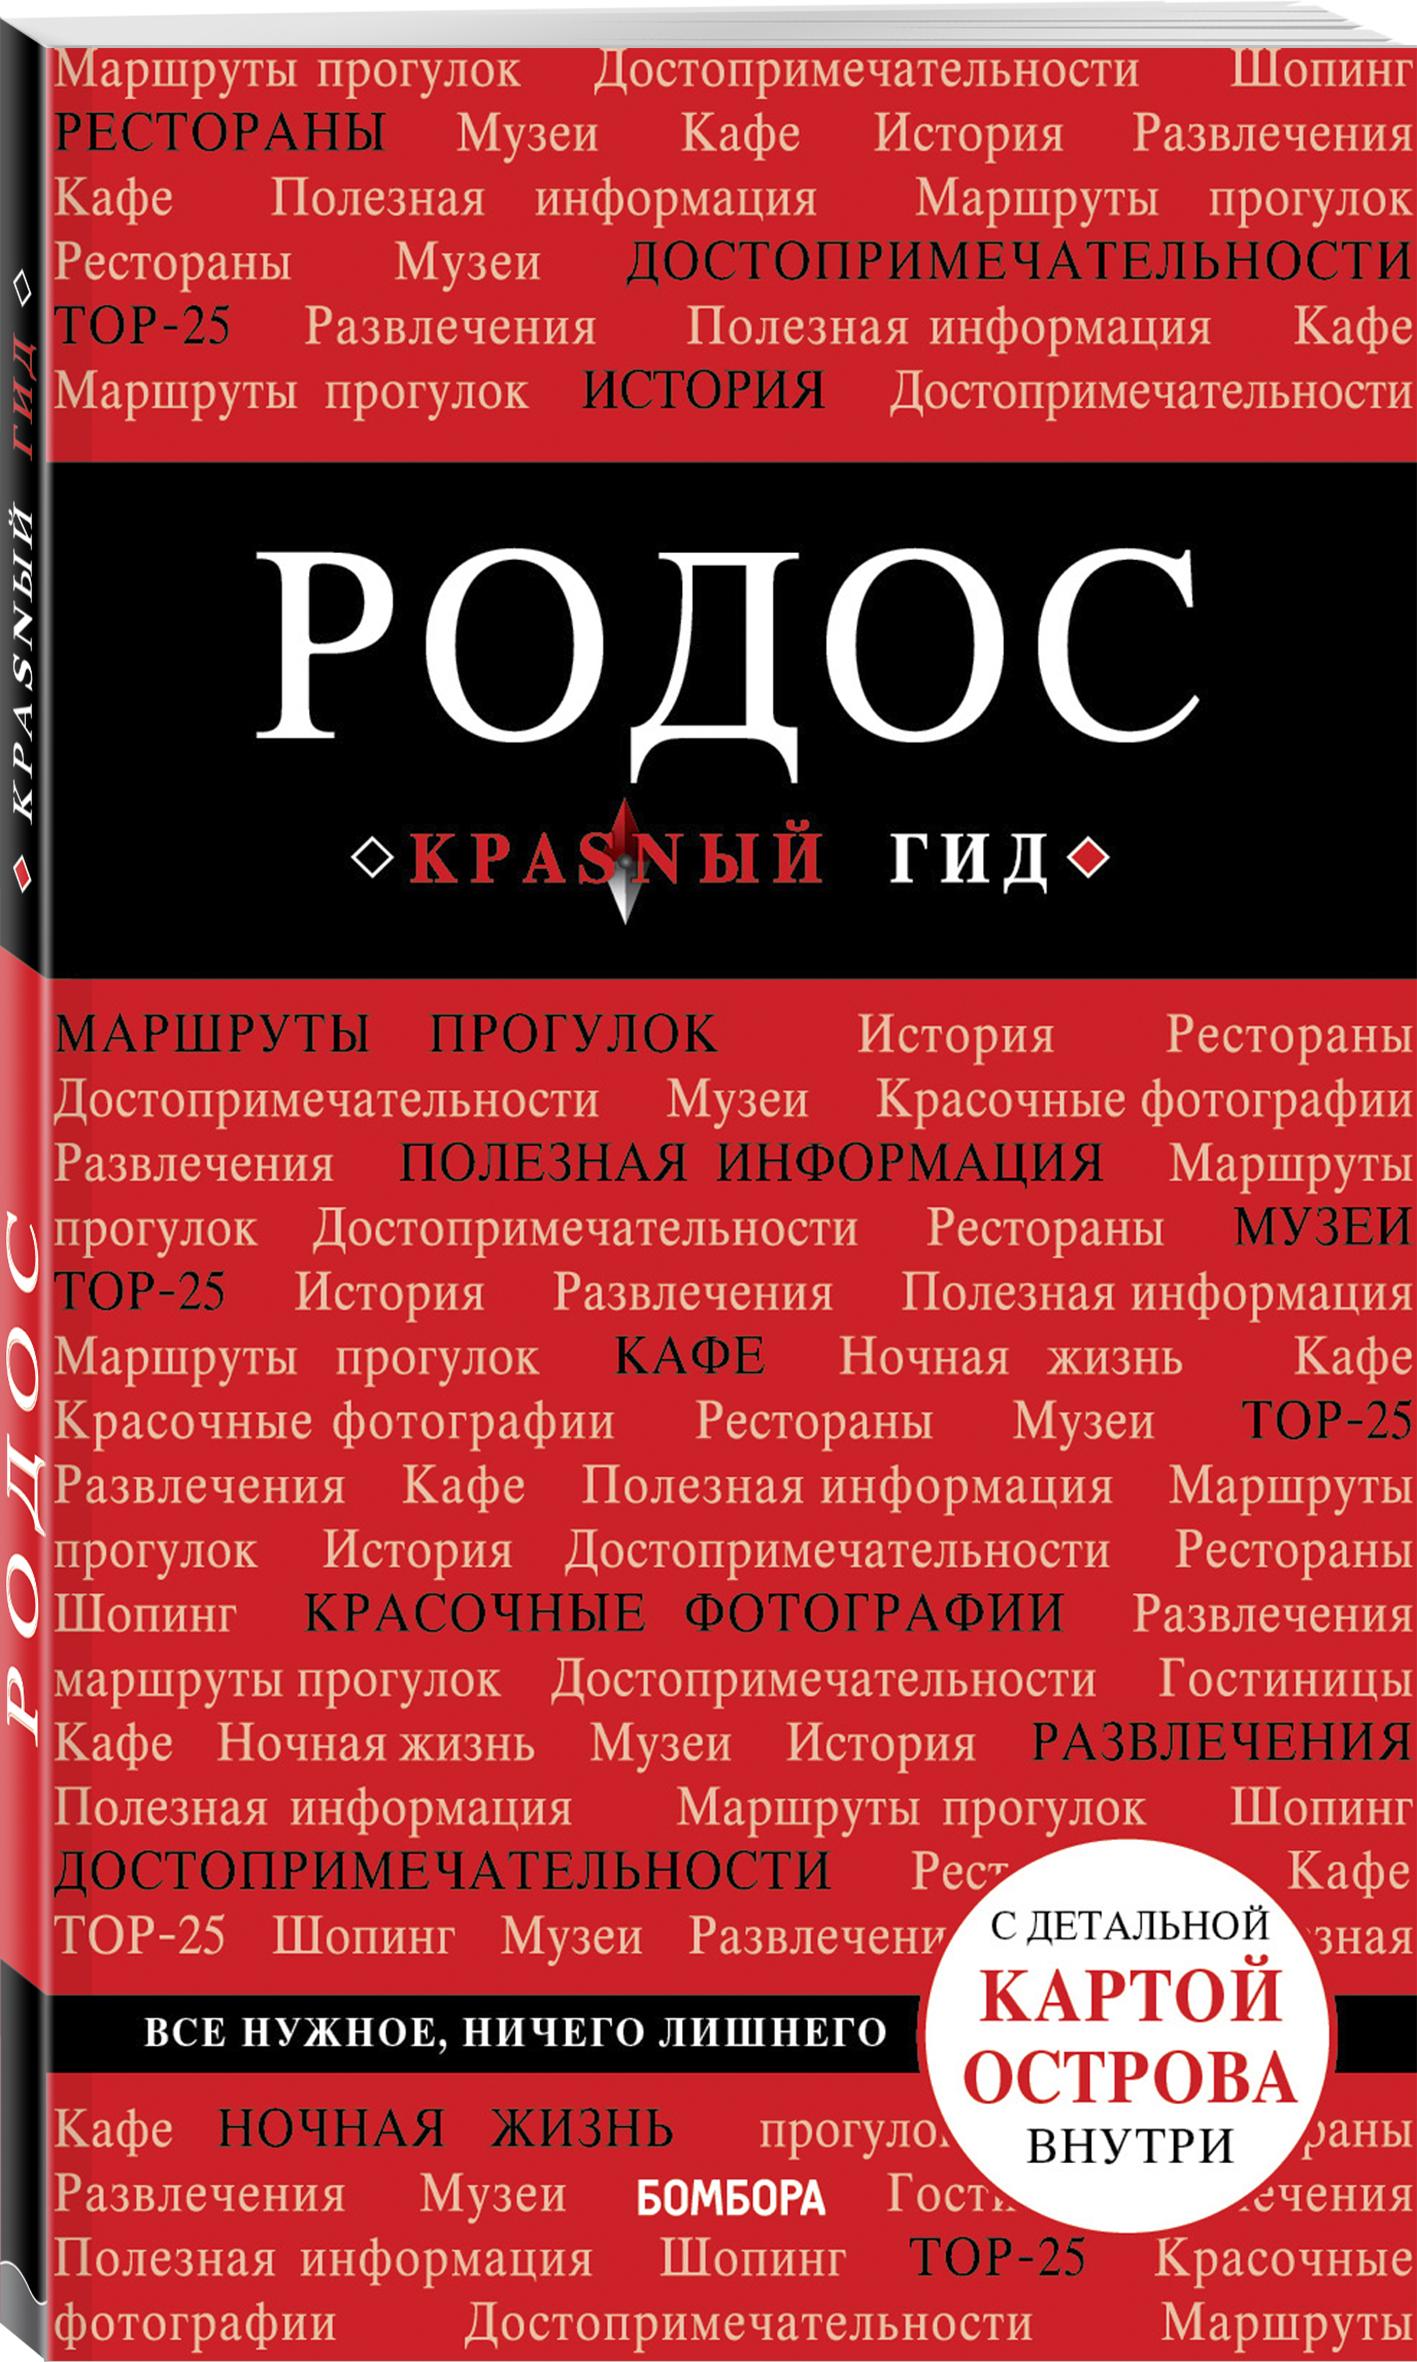 Анна Киберева Родос. 5-е изд., испр. и доп.